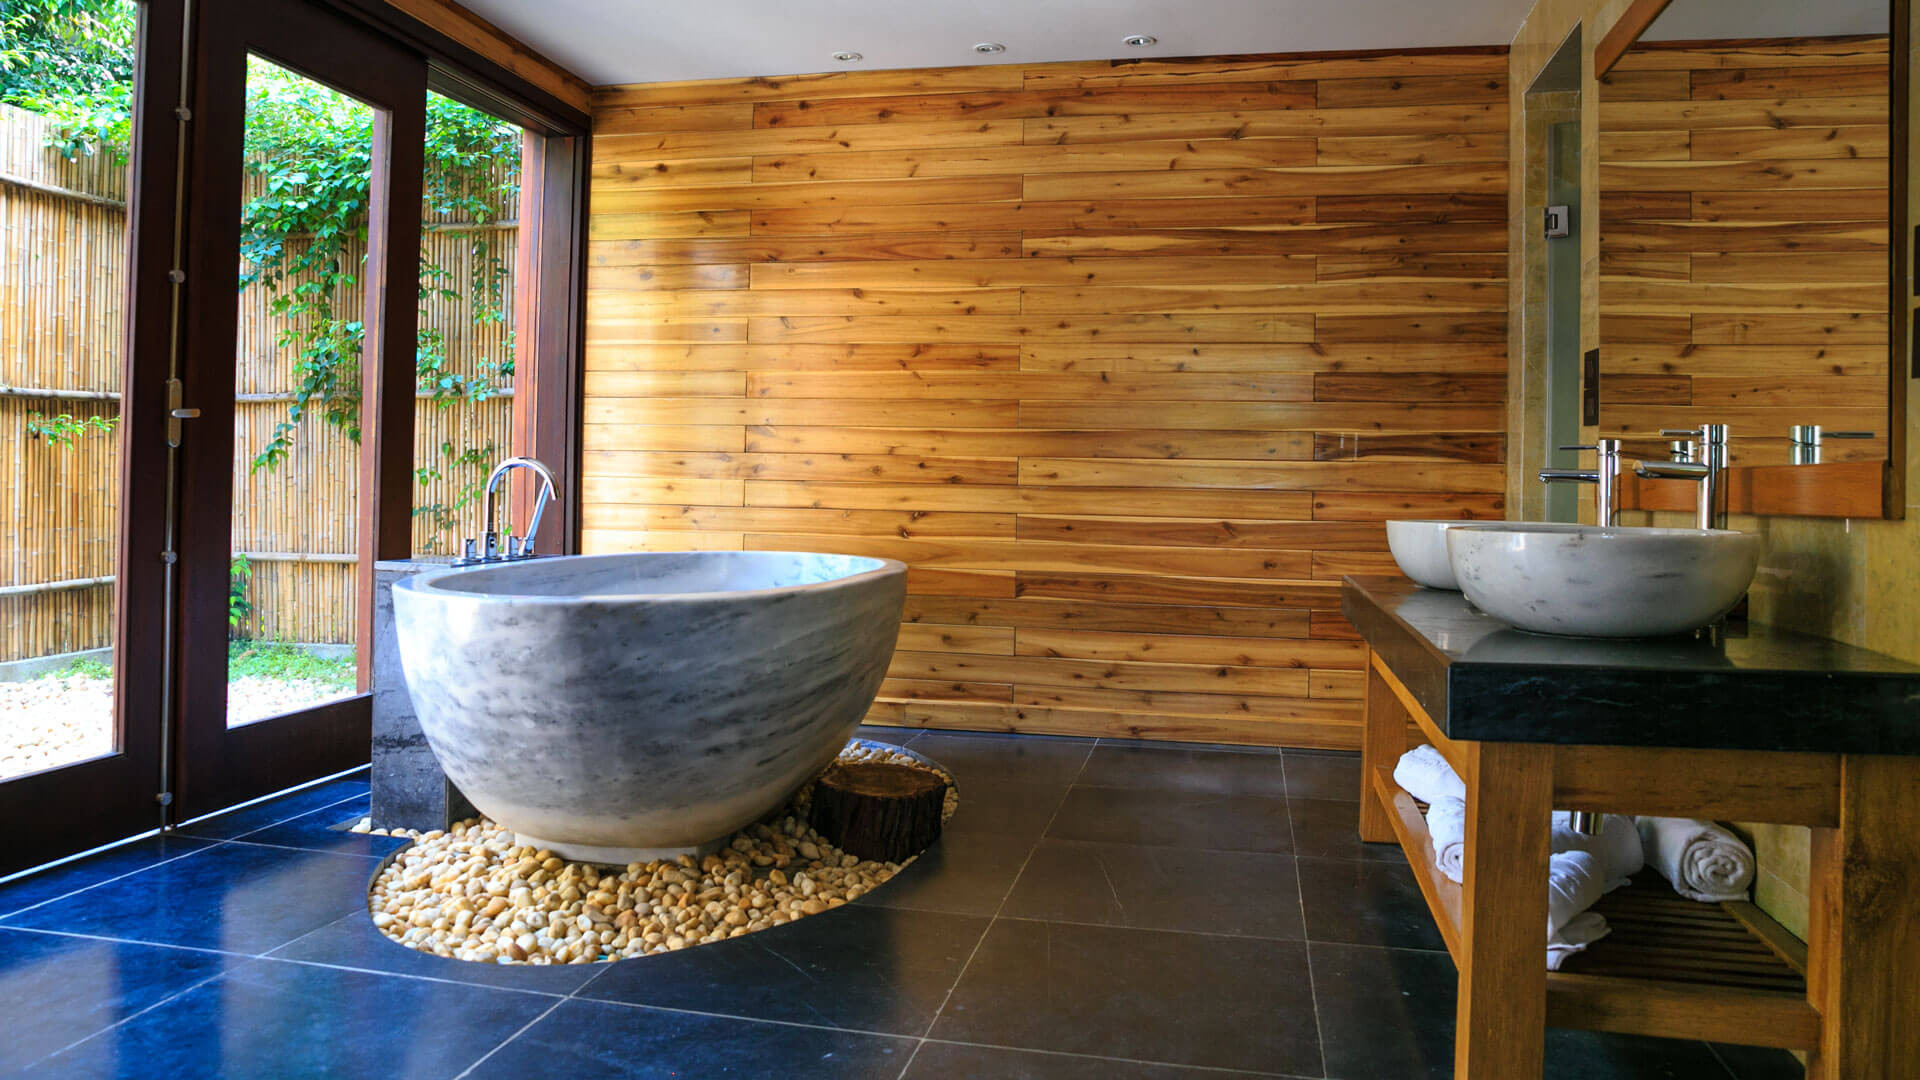 Modernes Bad mit großformatigen Fliesen und Natursteinbadewanne